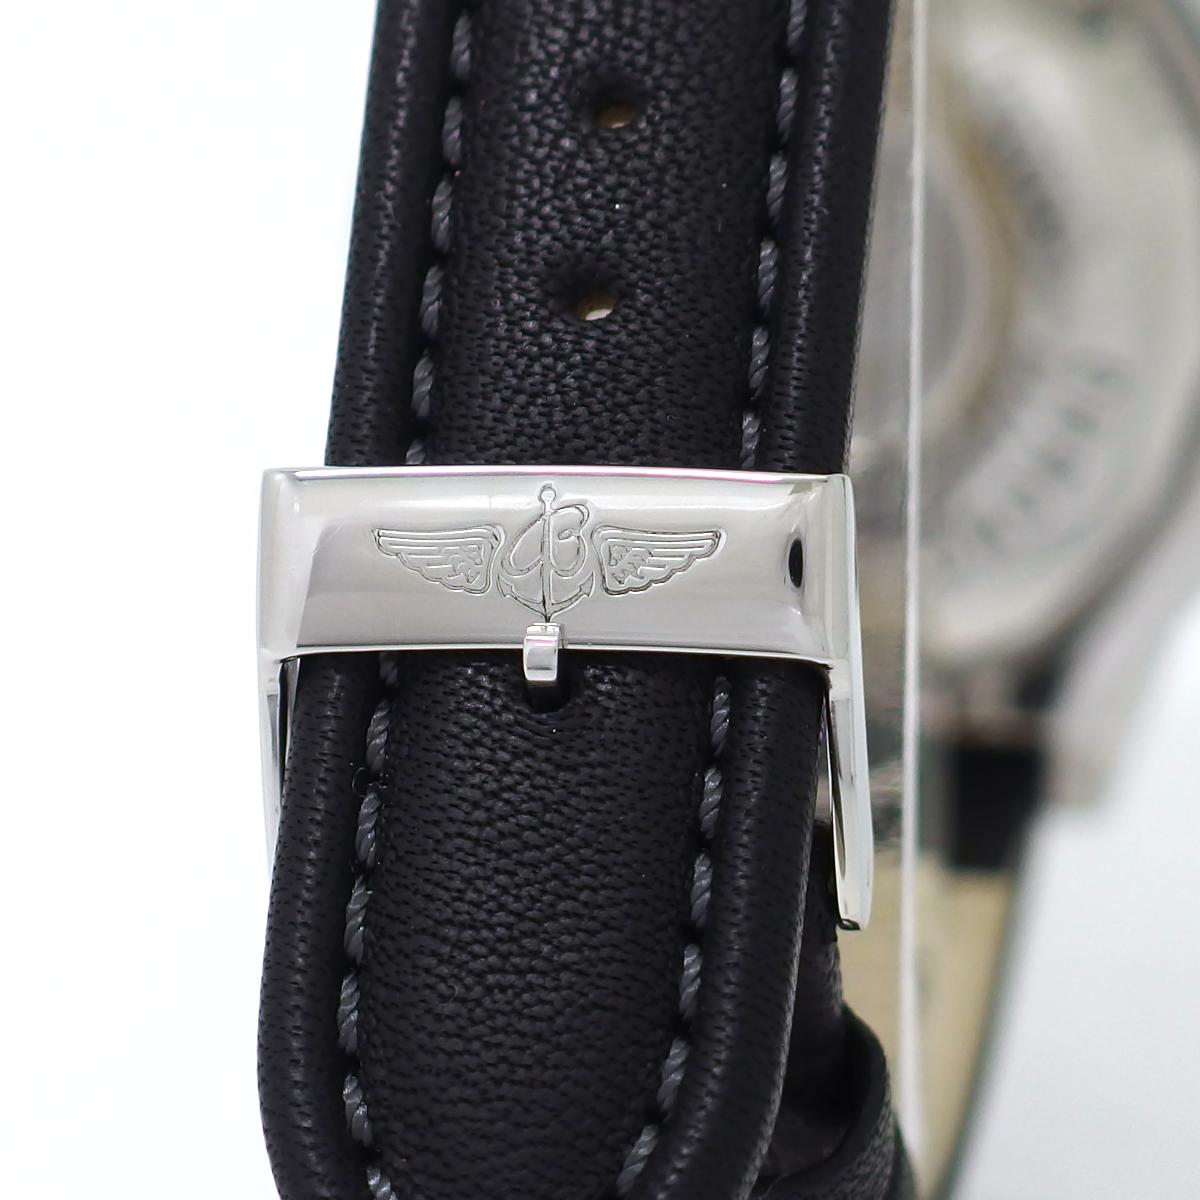 ブライトリング クロノマット GMT ロンジチュード A20348 グレー文字盤 自動巻 OH済 2000年購入 USED